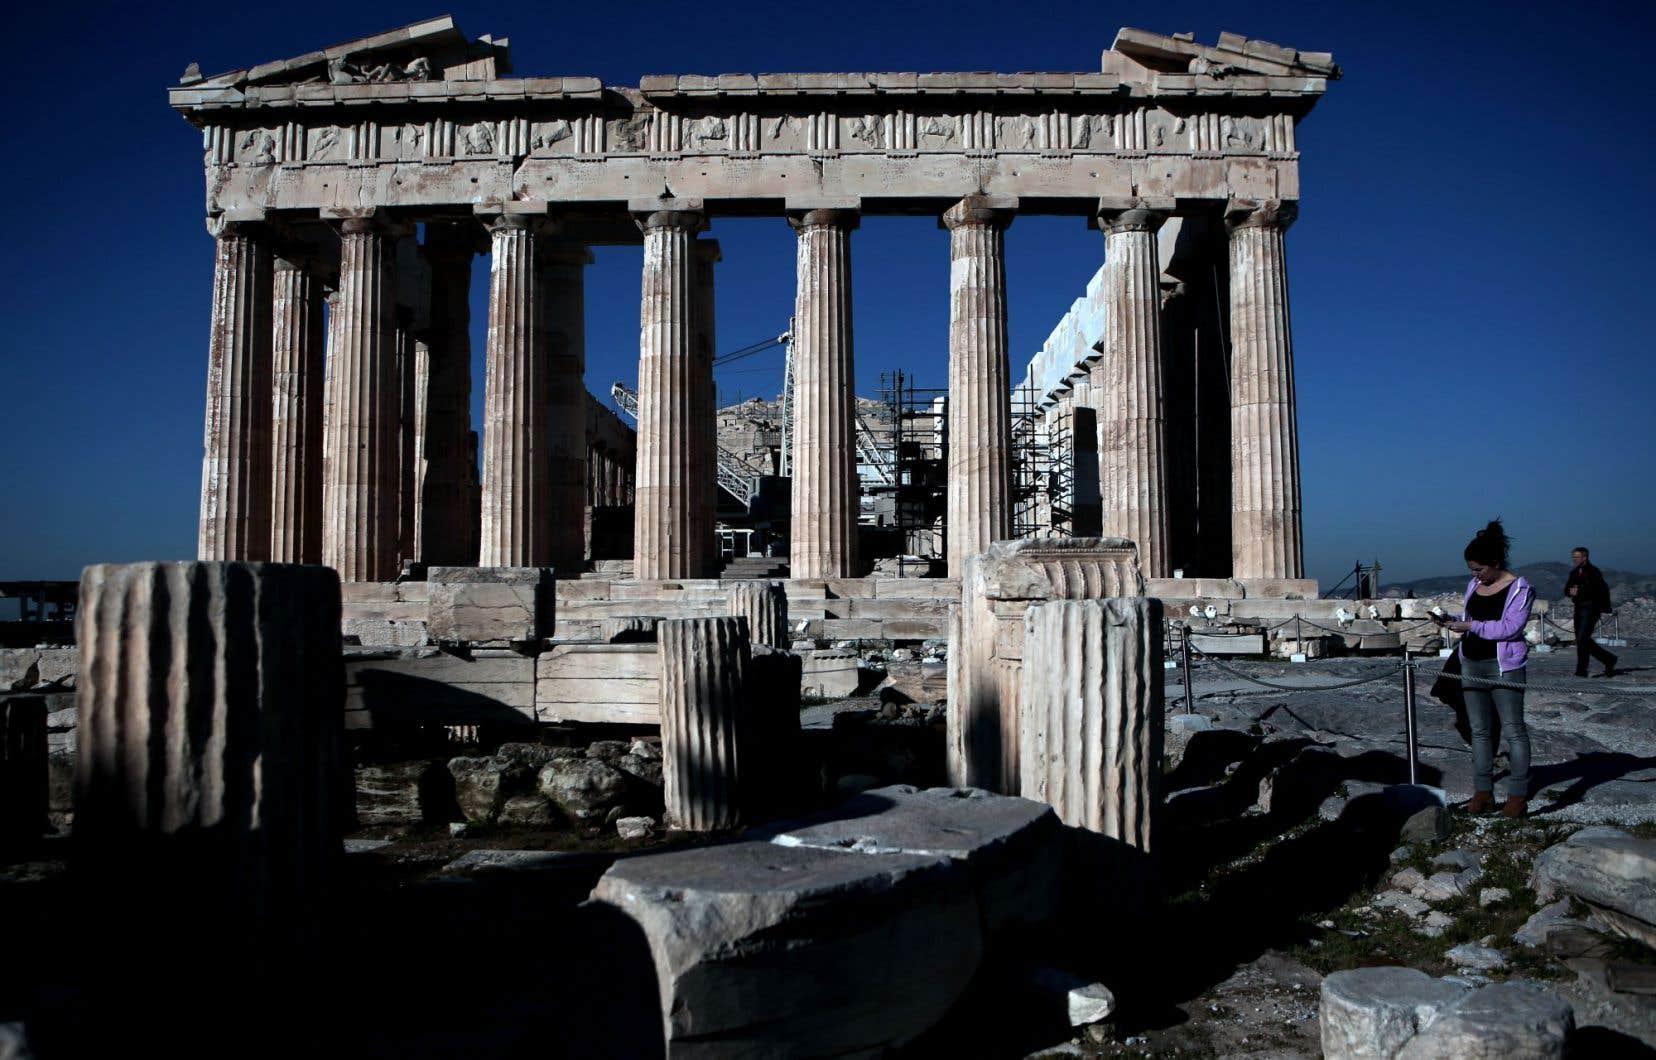 Athènes est un incontournable pour ses trésors antiques, comme le Parthénon, l'un des symboles archéologiques les plus connus de toutes les civilisations.